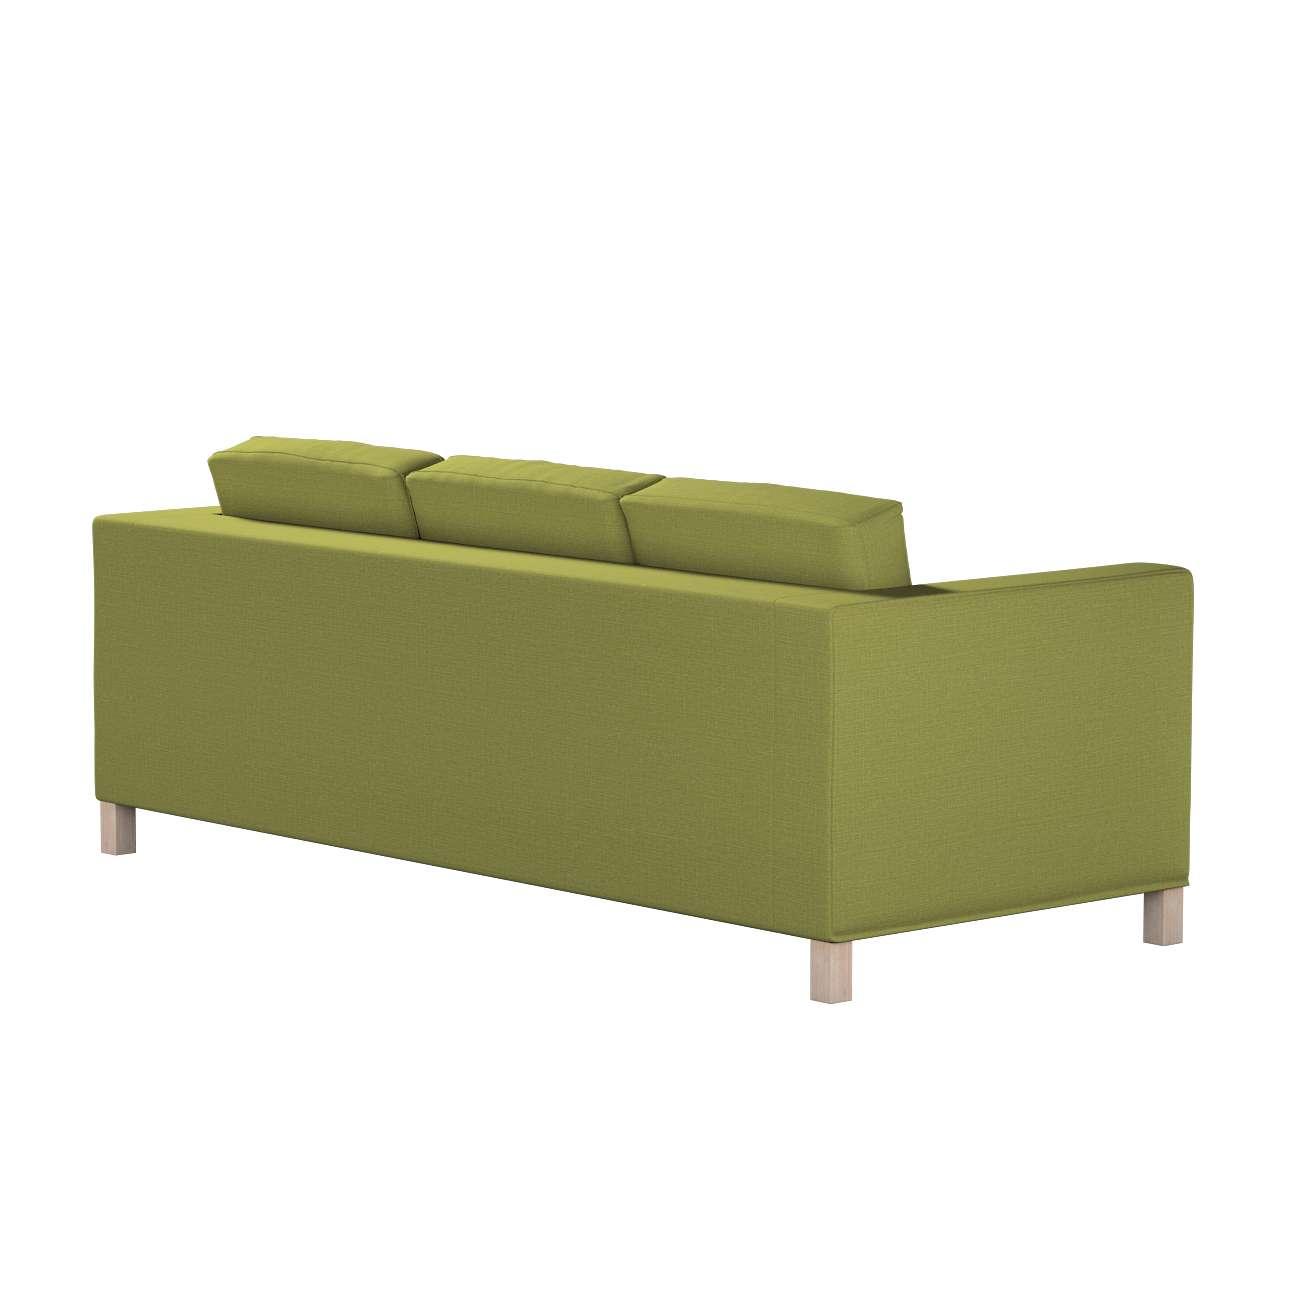 Bezug für Karlanda 3-Sitzer Sofa nicht ausklappbar, kurz von der Kollektion Living II, Stoff: 161-13